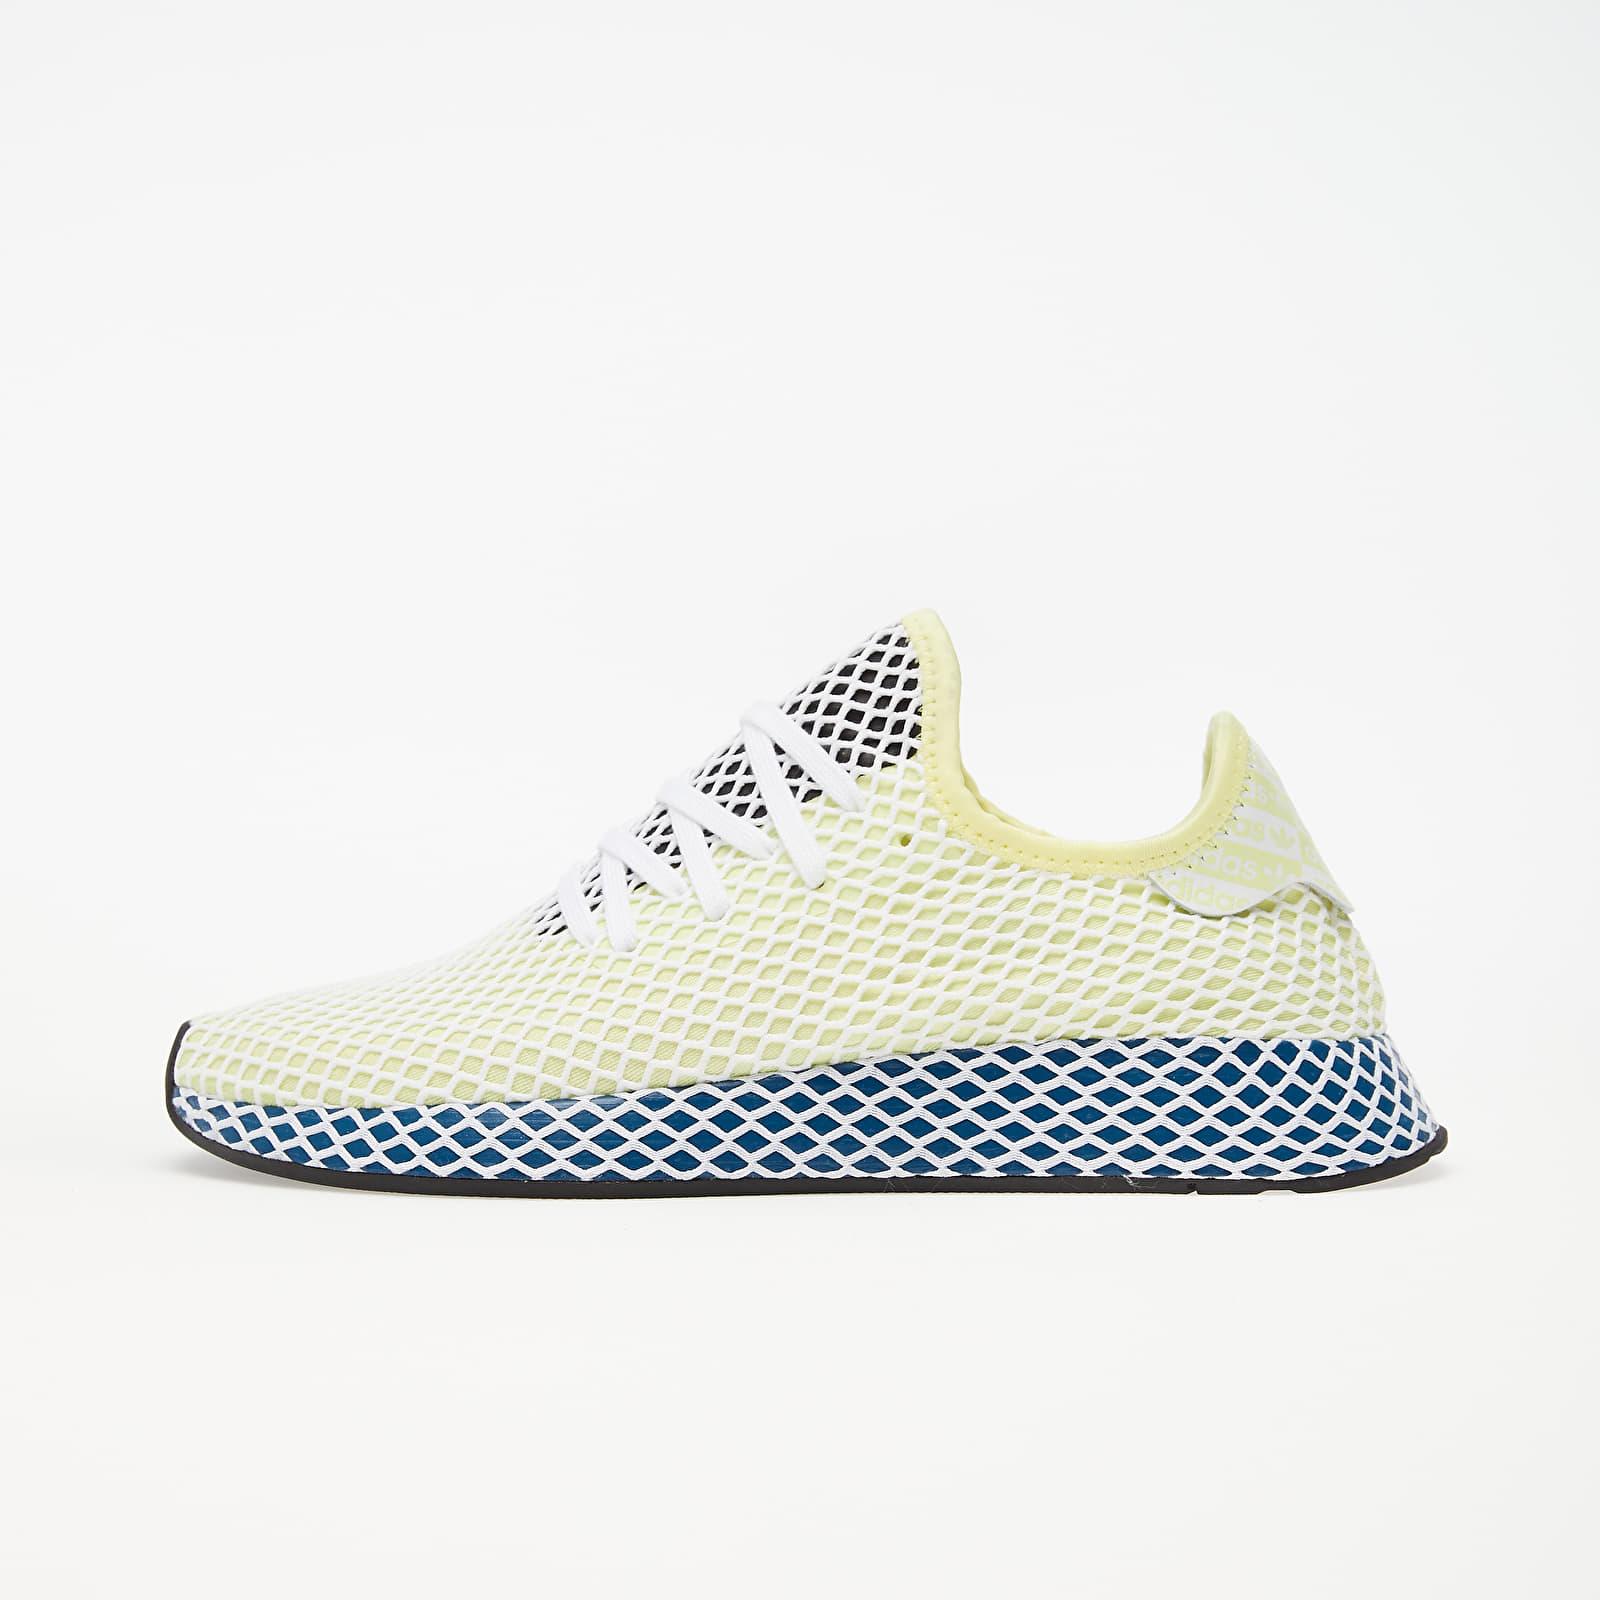 Chaussures et baskets homme adidas Deerupt Runner Yellow Tint/ Ftw White/ Legend Marine